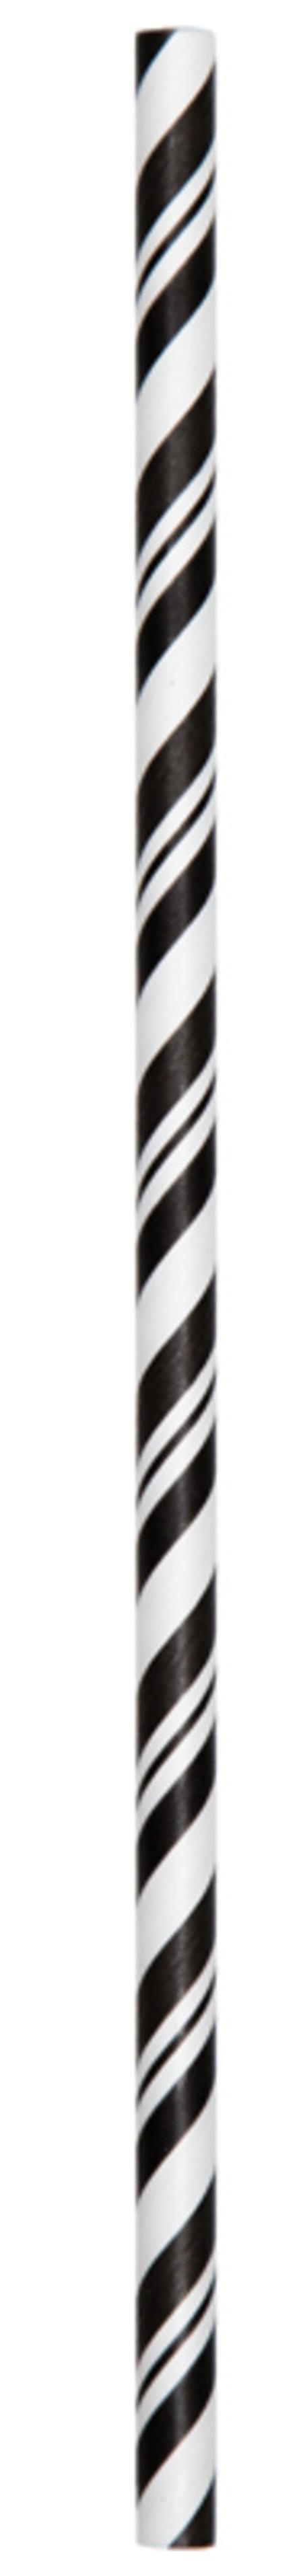 Χάρτινα Καλαμάκια Ριγέ Μαύρο-Λευκό 24τεμ